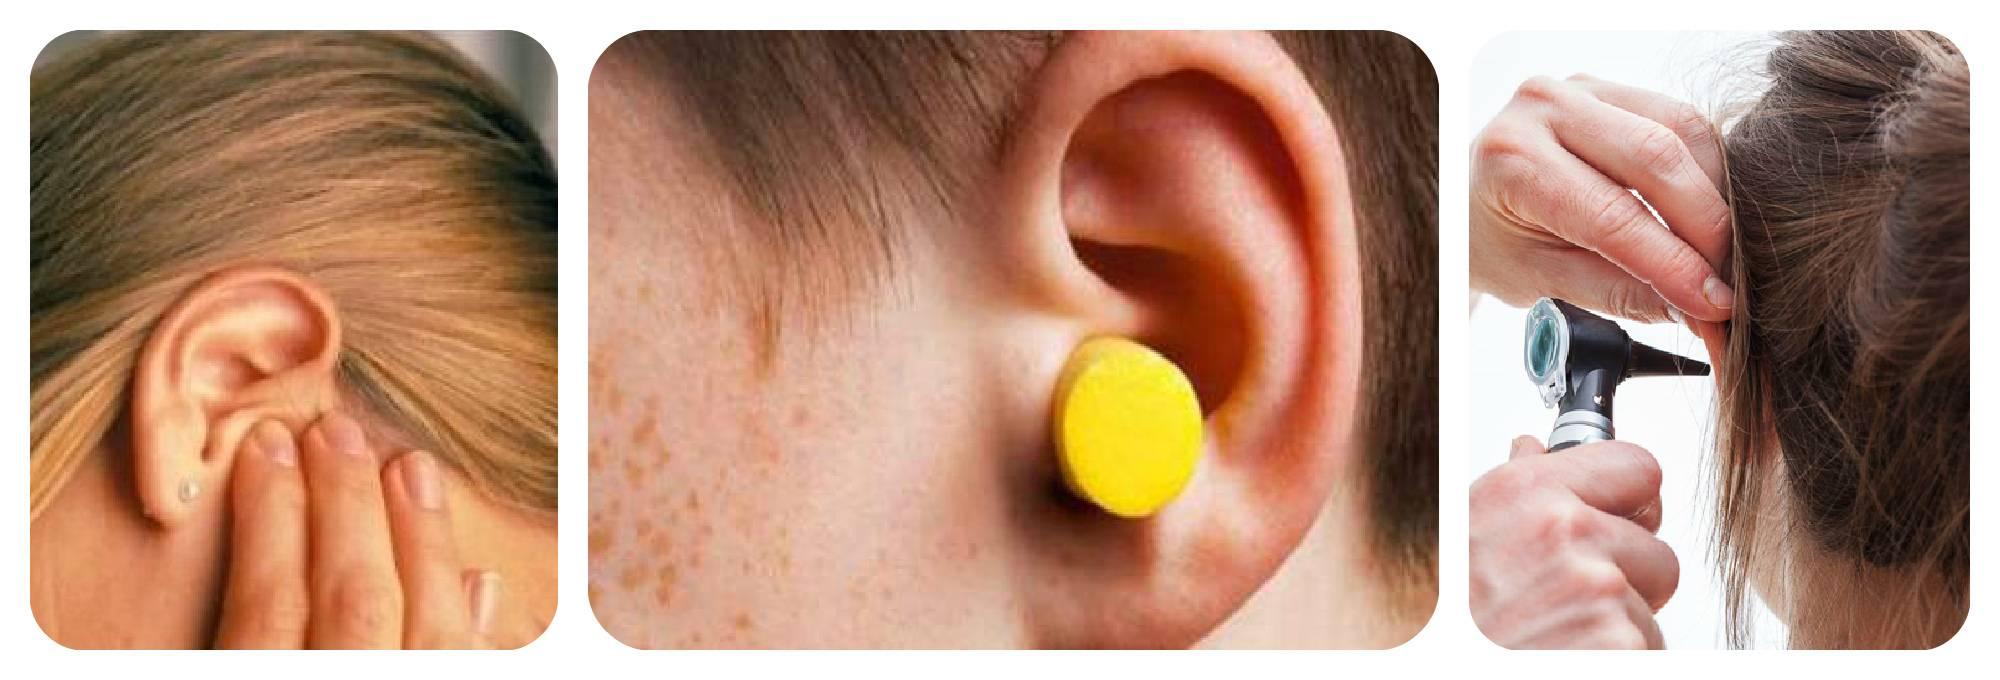 Серная пробка в ухе у ребенка: откуда она возникает и как ее извлечь